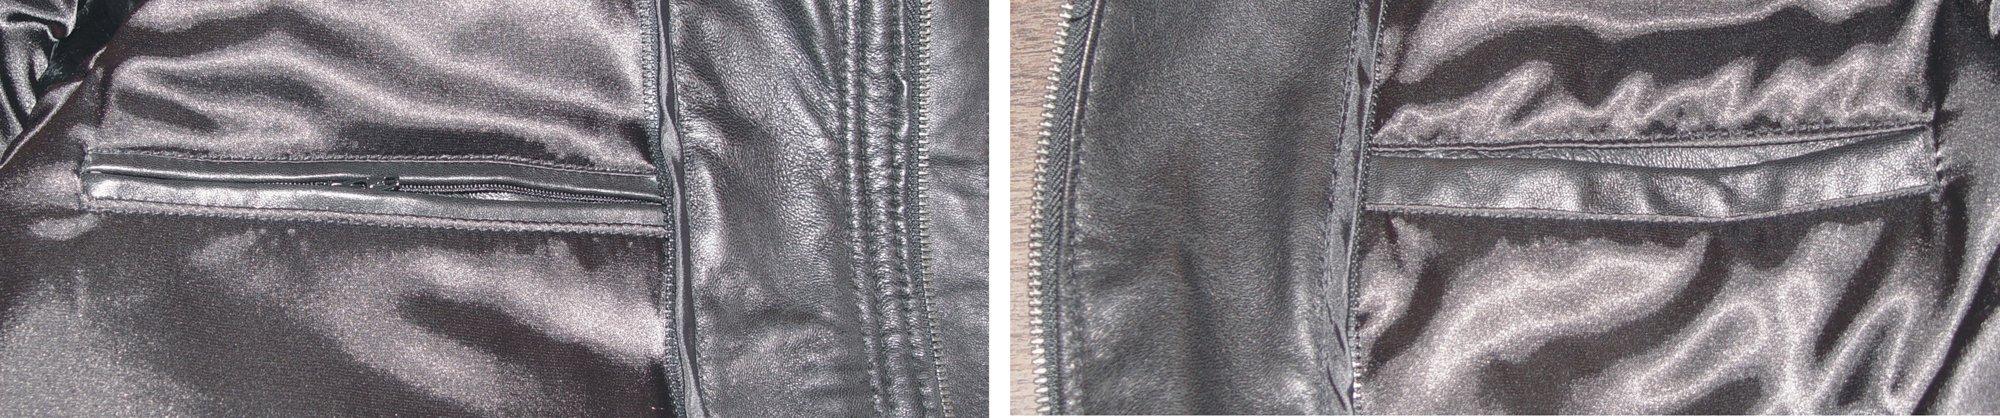 Nettailor Mens 1114 FOUR Season Wearable Leather Fancy Casual Blazer by NETTAILOR (Image #6)